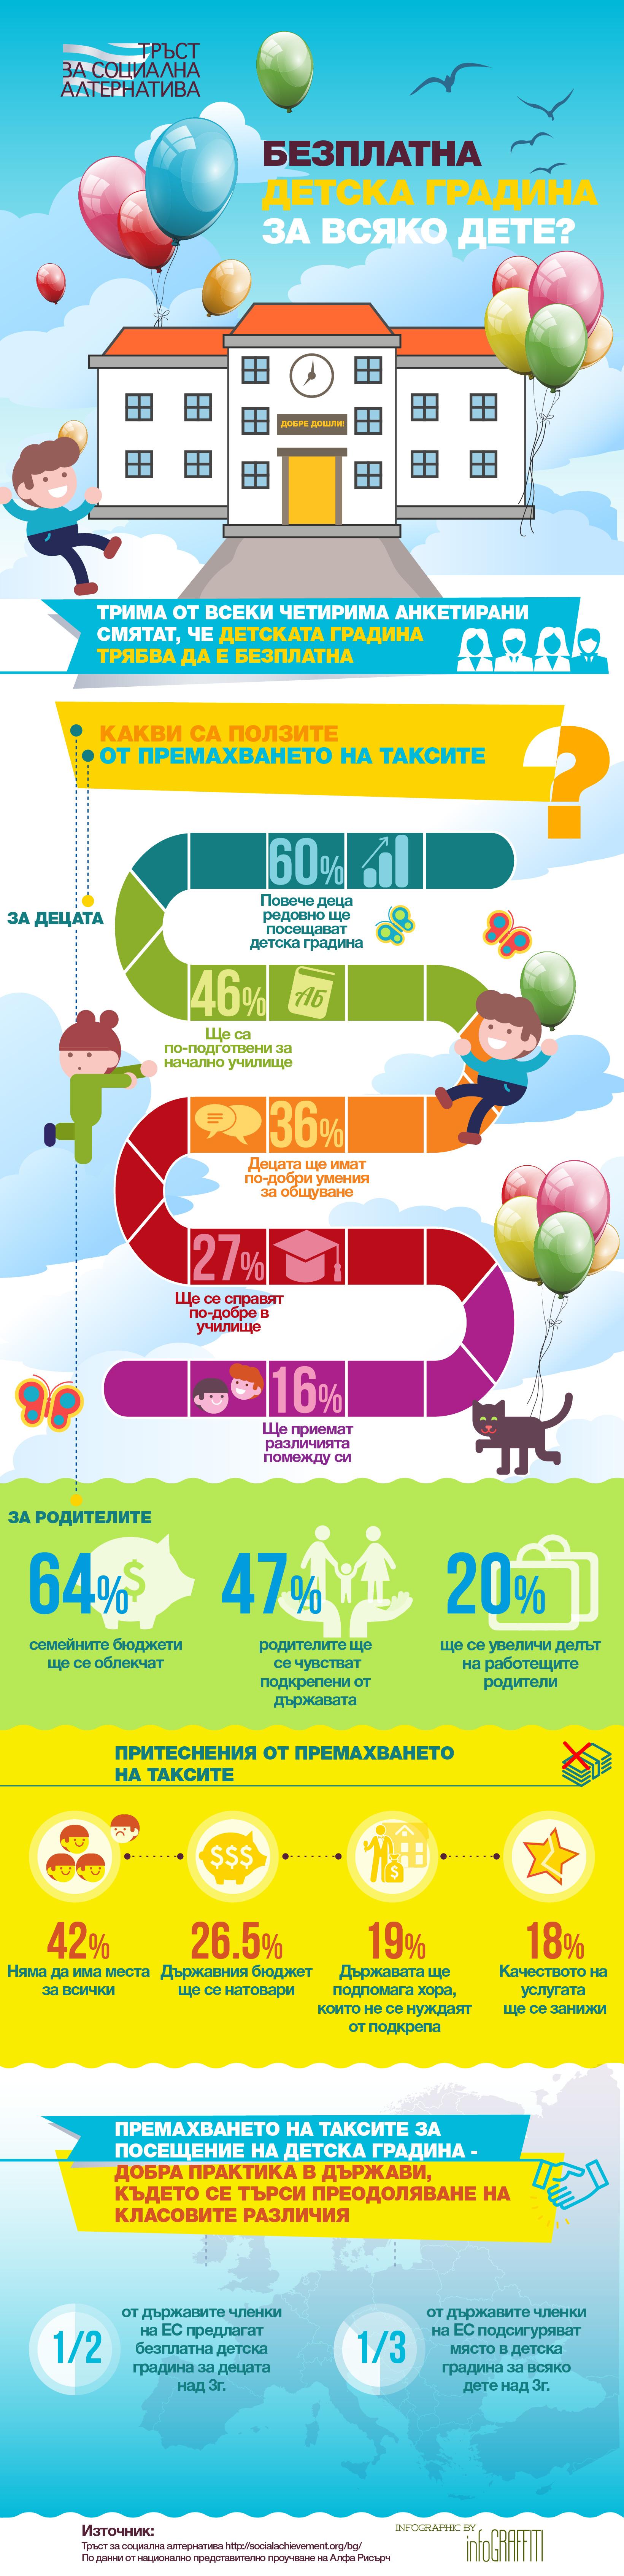 TSA Preschool Education Infographic Final